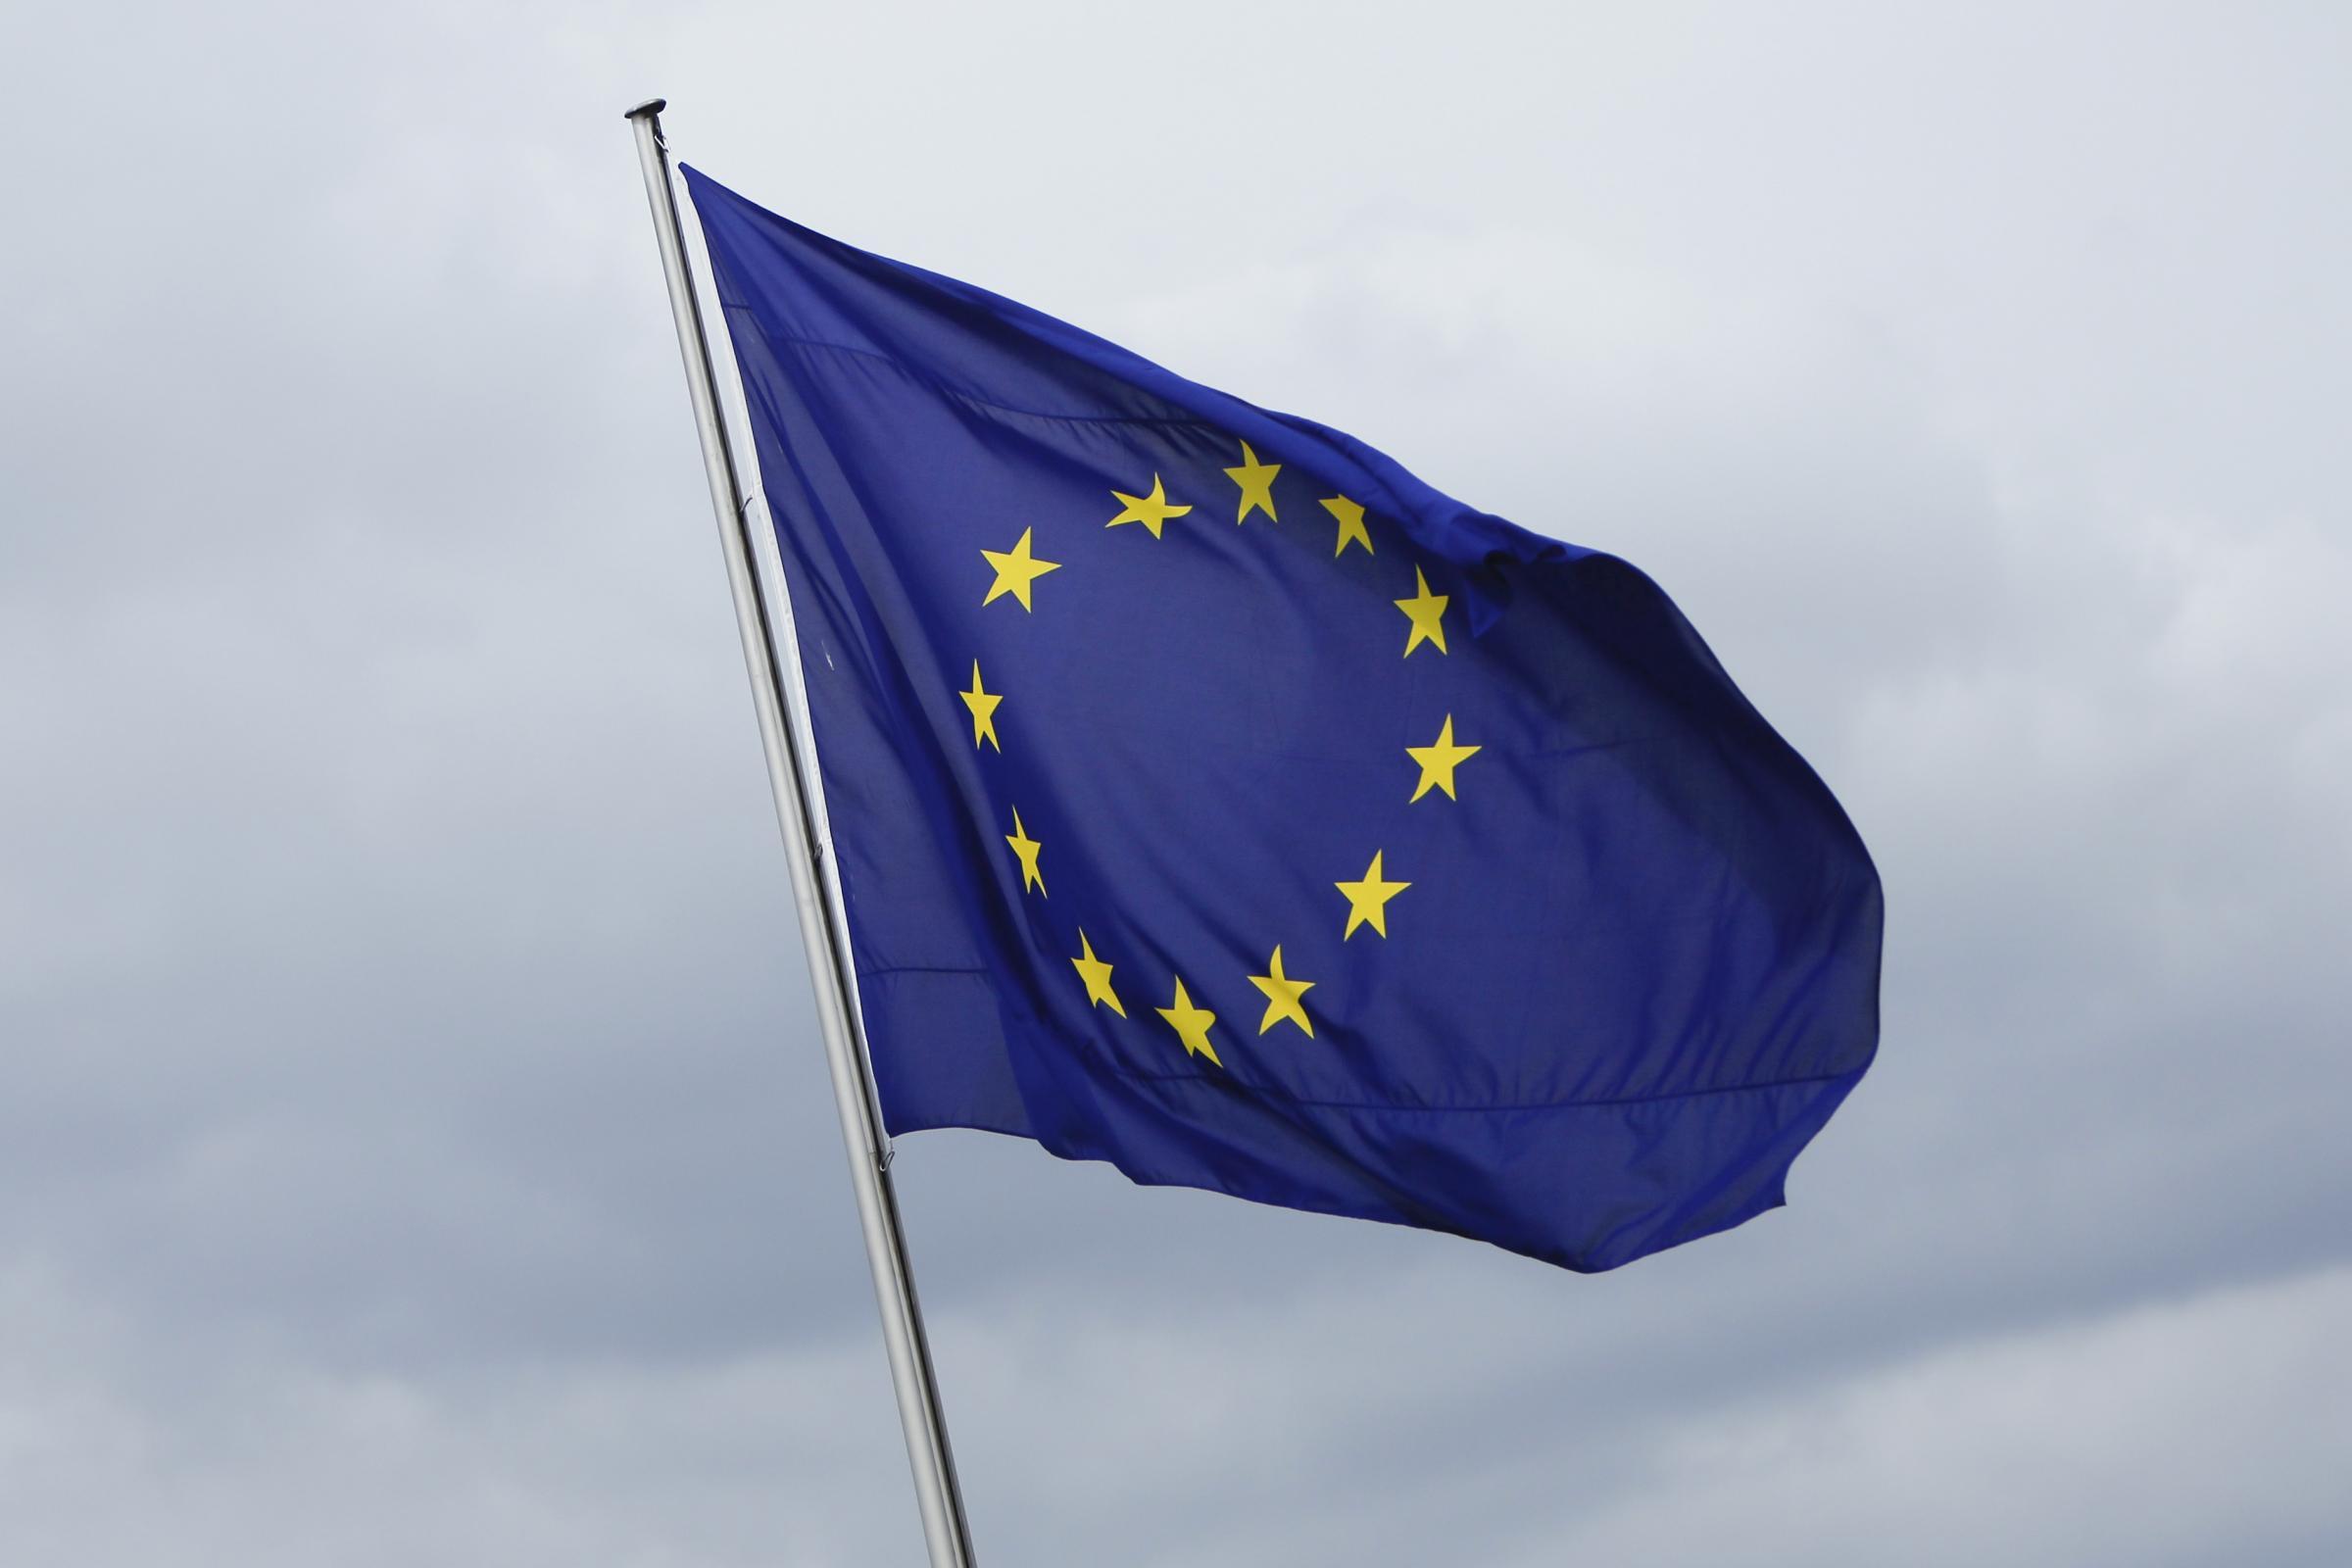 Mutui casa, l'UE propone regole comuni per l'erogazione